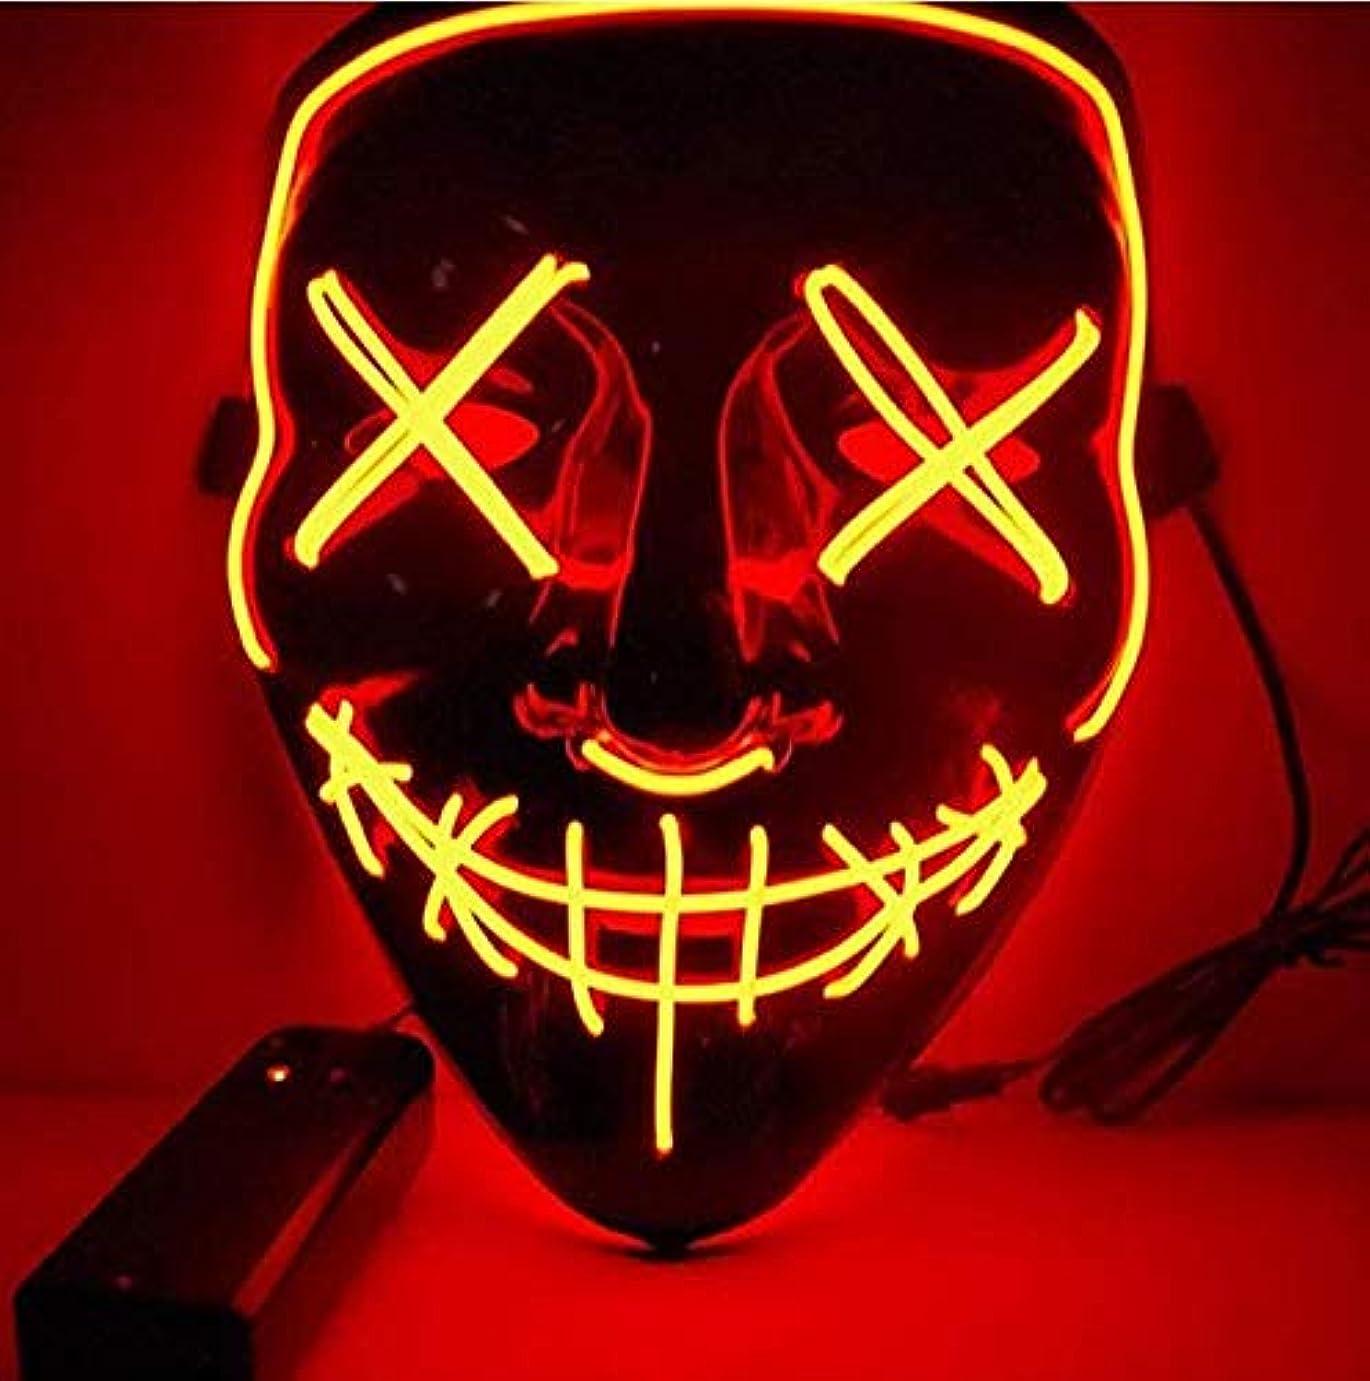 ファントム締め切り教養があるハロウィンマスクLEDライトアップパーティーマスクコスプレコスチュームサプライ暗闇で光る (Color : PURPLE)